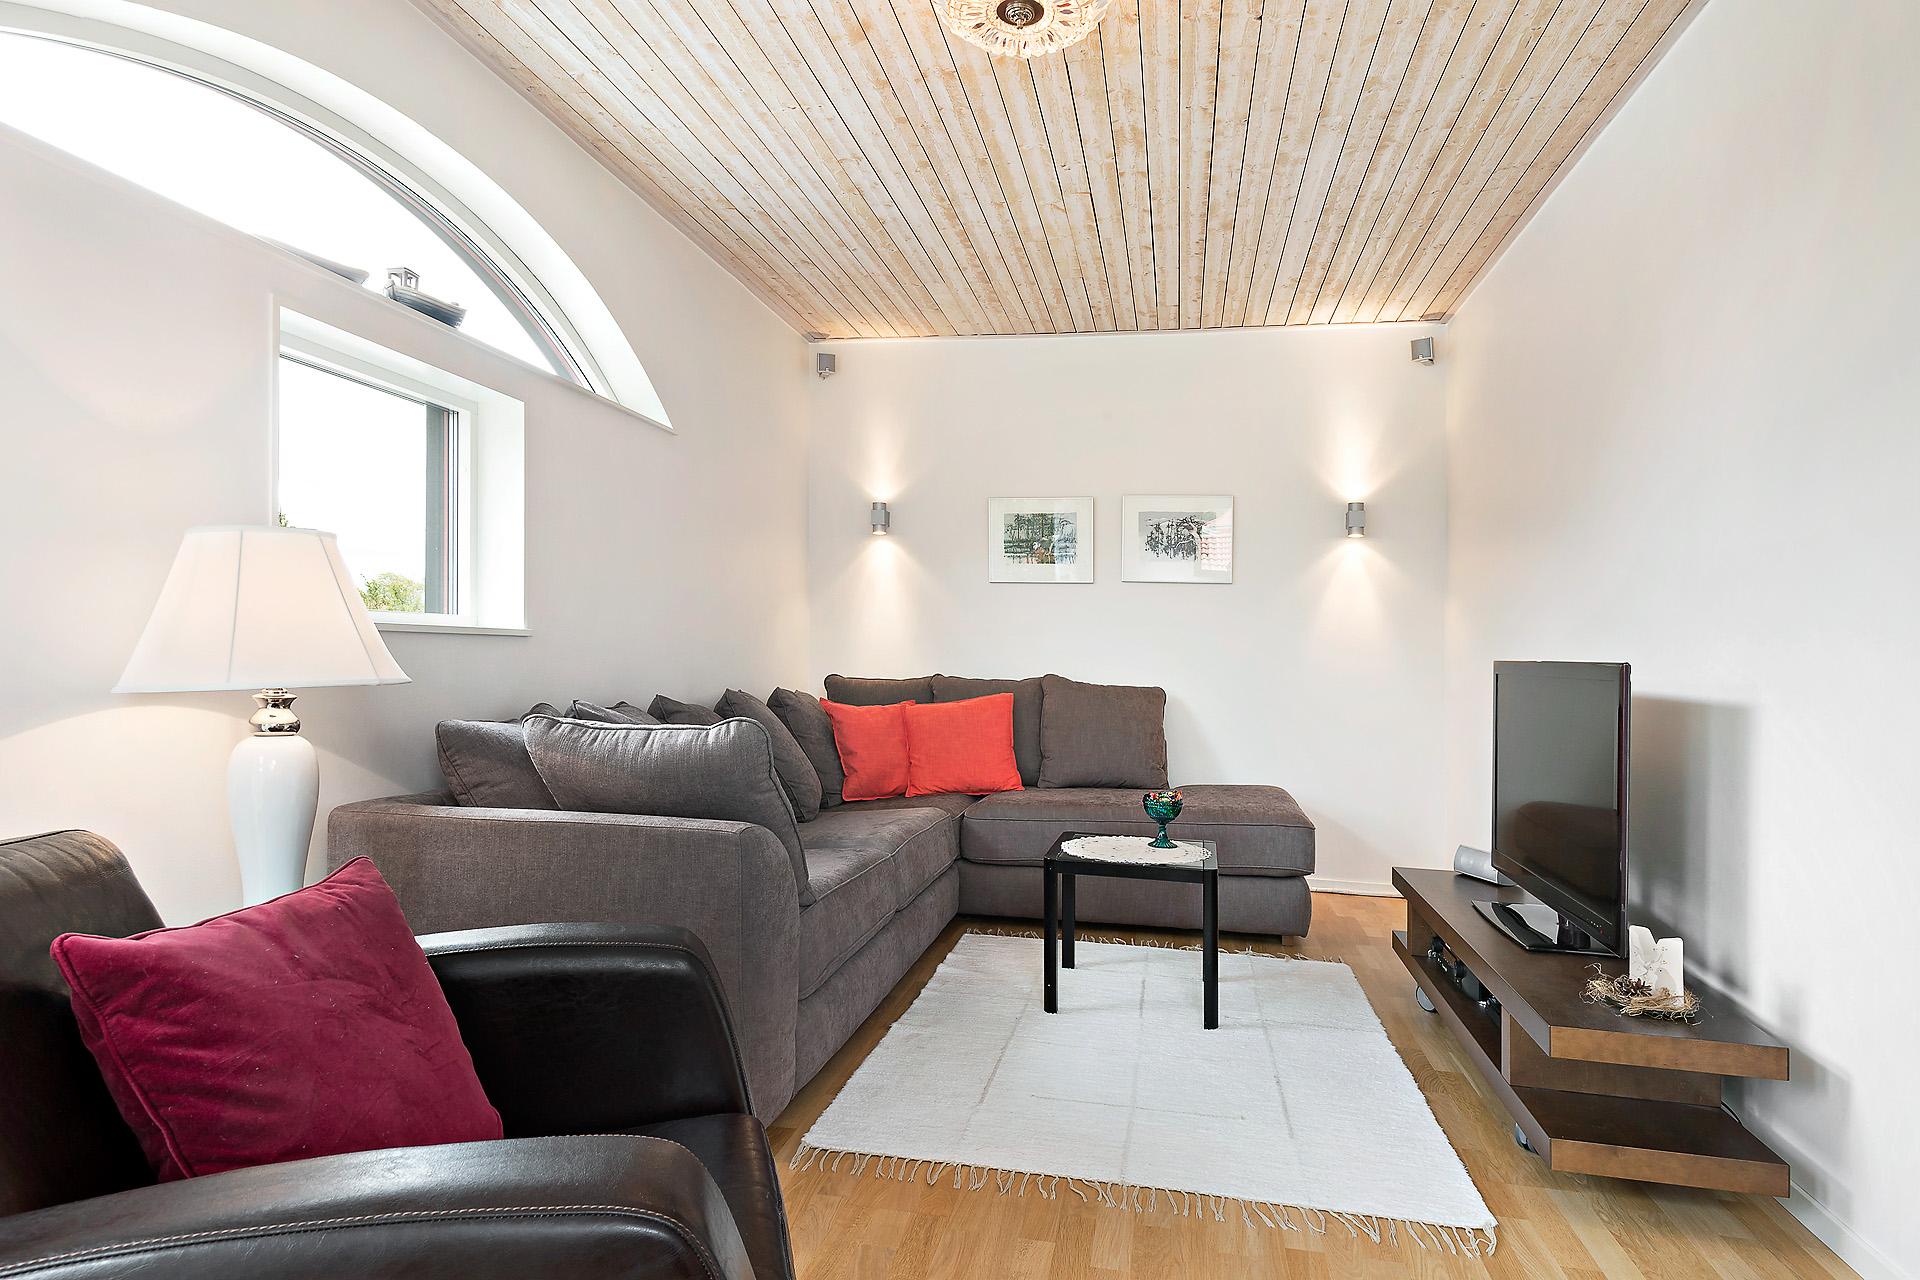 Allrummet på övervåningen - en avskild plats för tv-tittande.